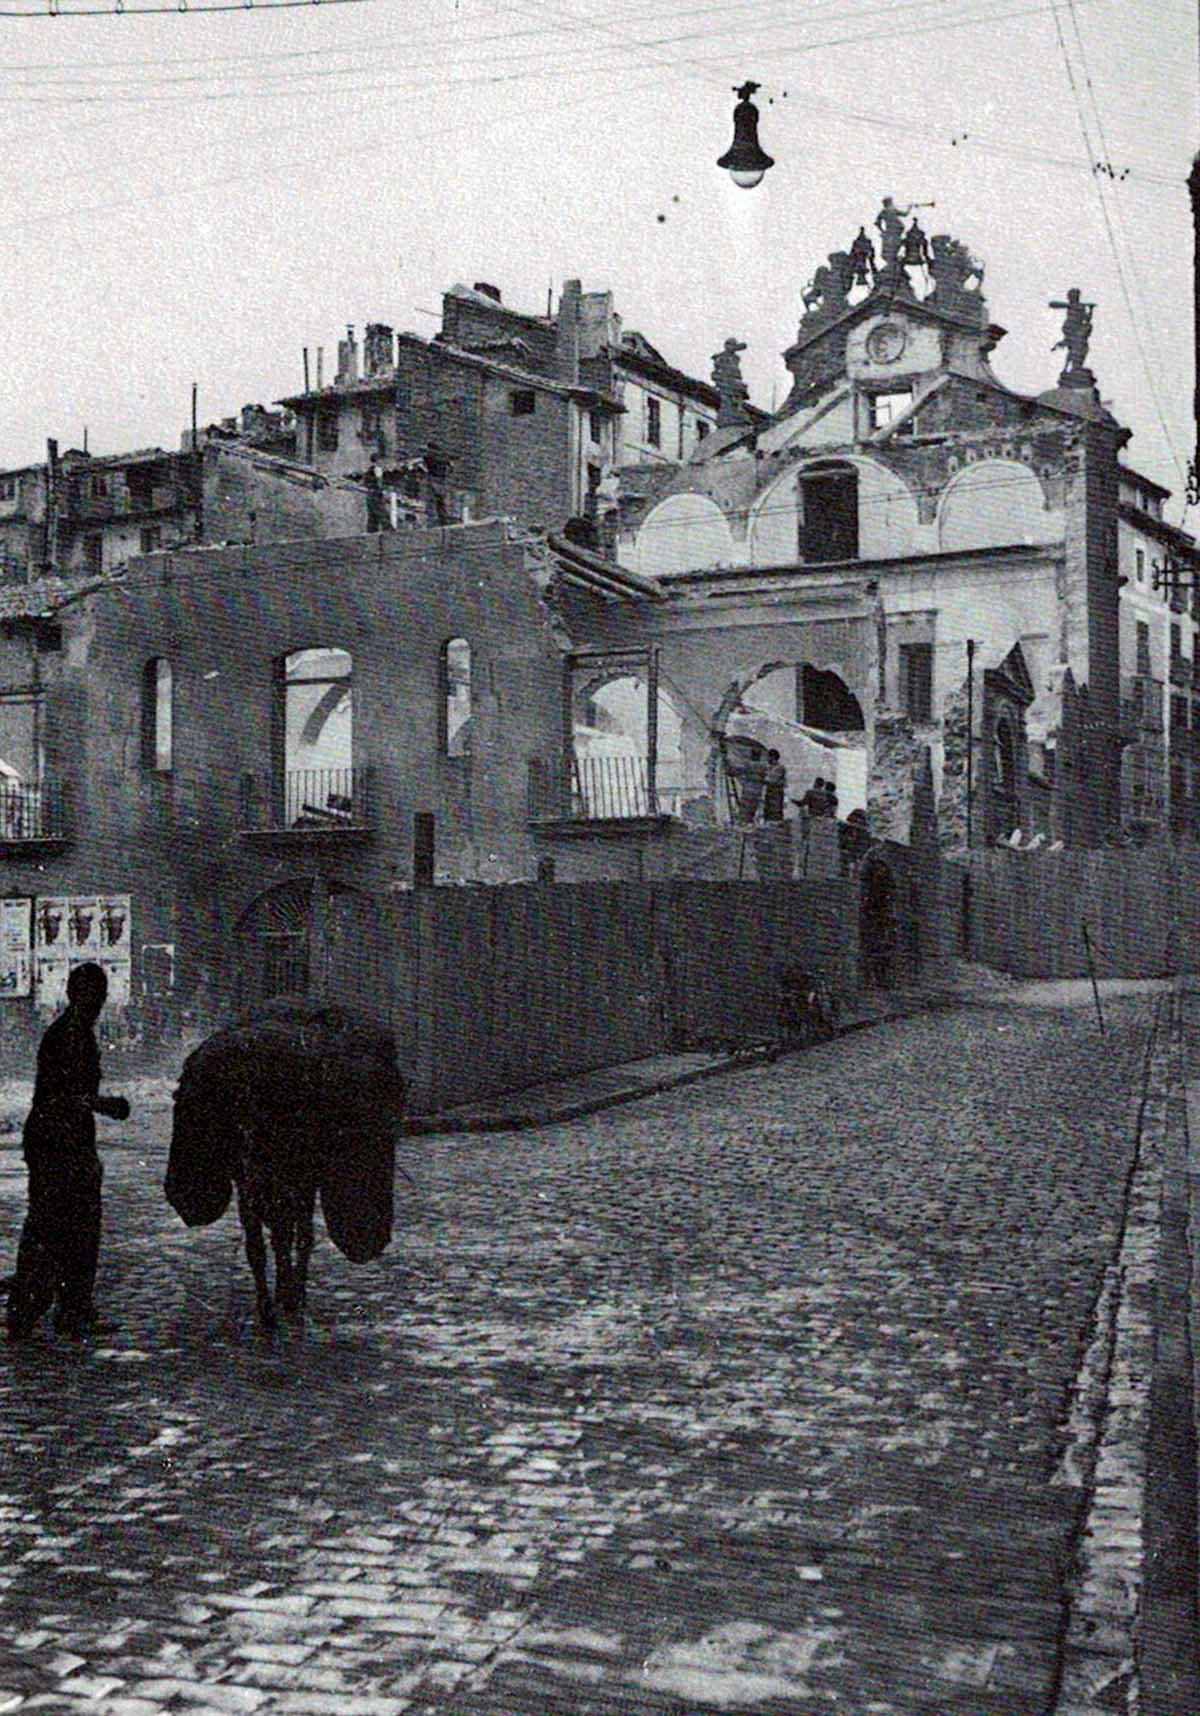 Derribo del edificio del Ayuntamiento de Pamplona visto desde la calle Santo Domingo. Libro 'Pamplona calles y barrios' de José Joaquín Arazuri.